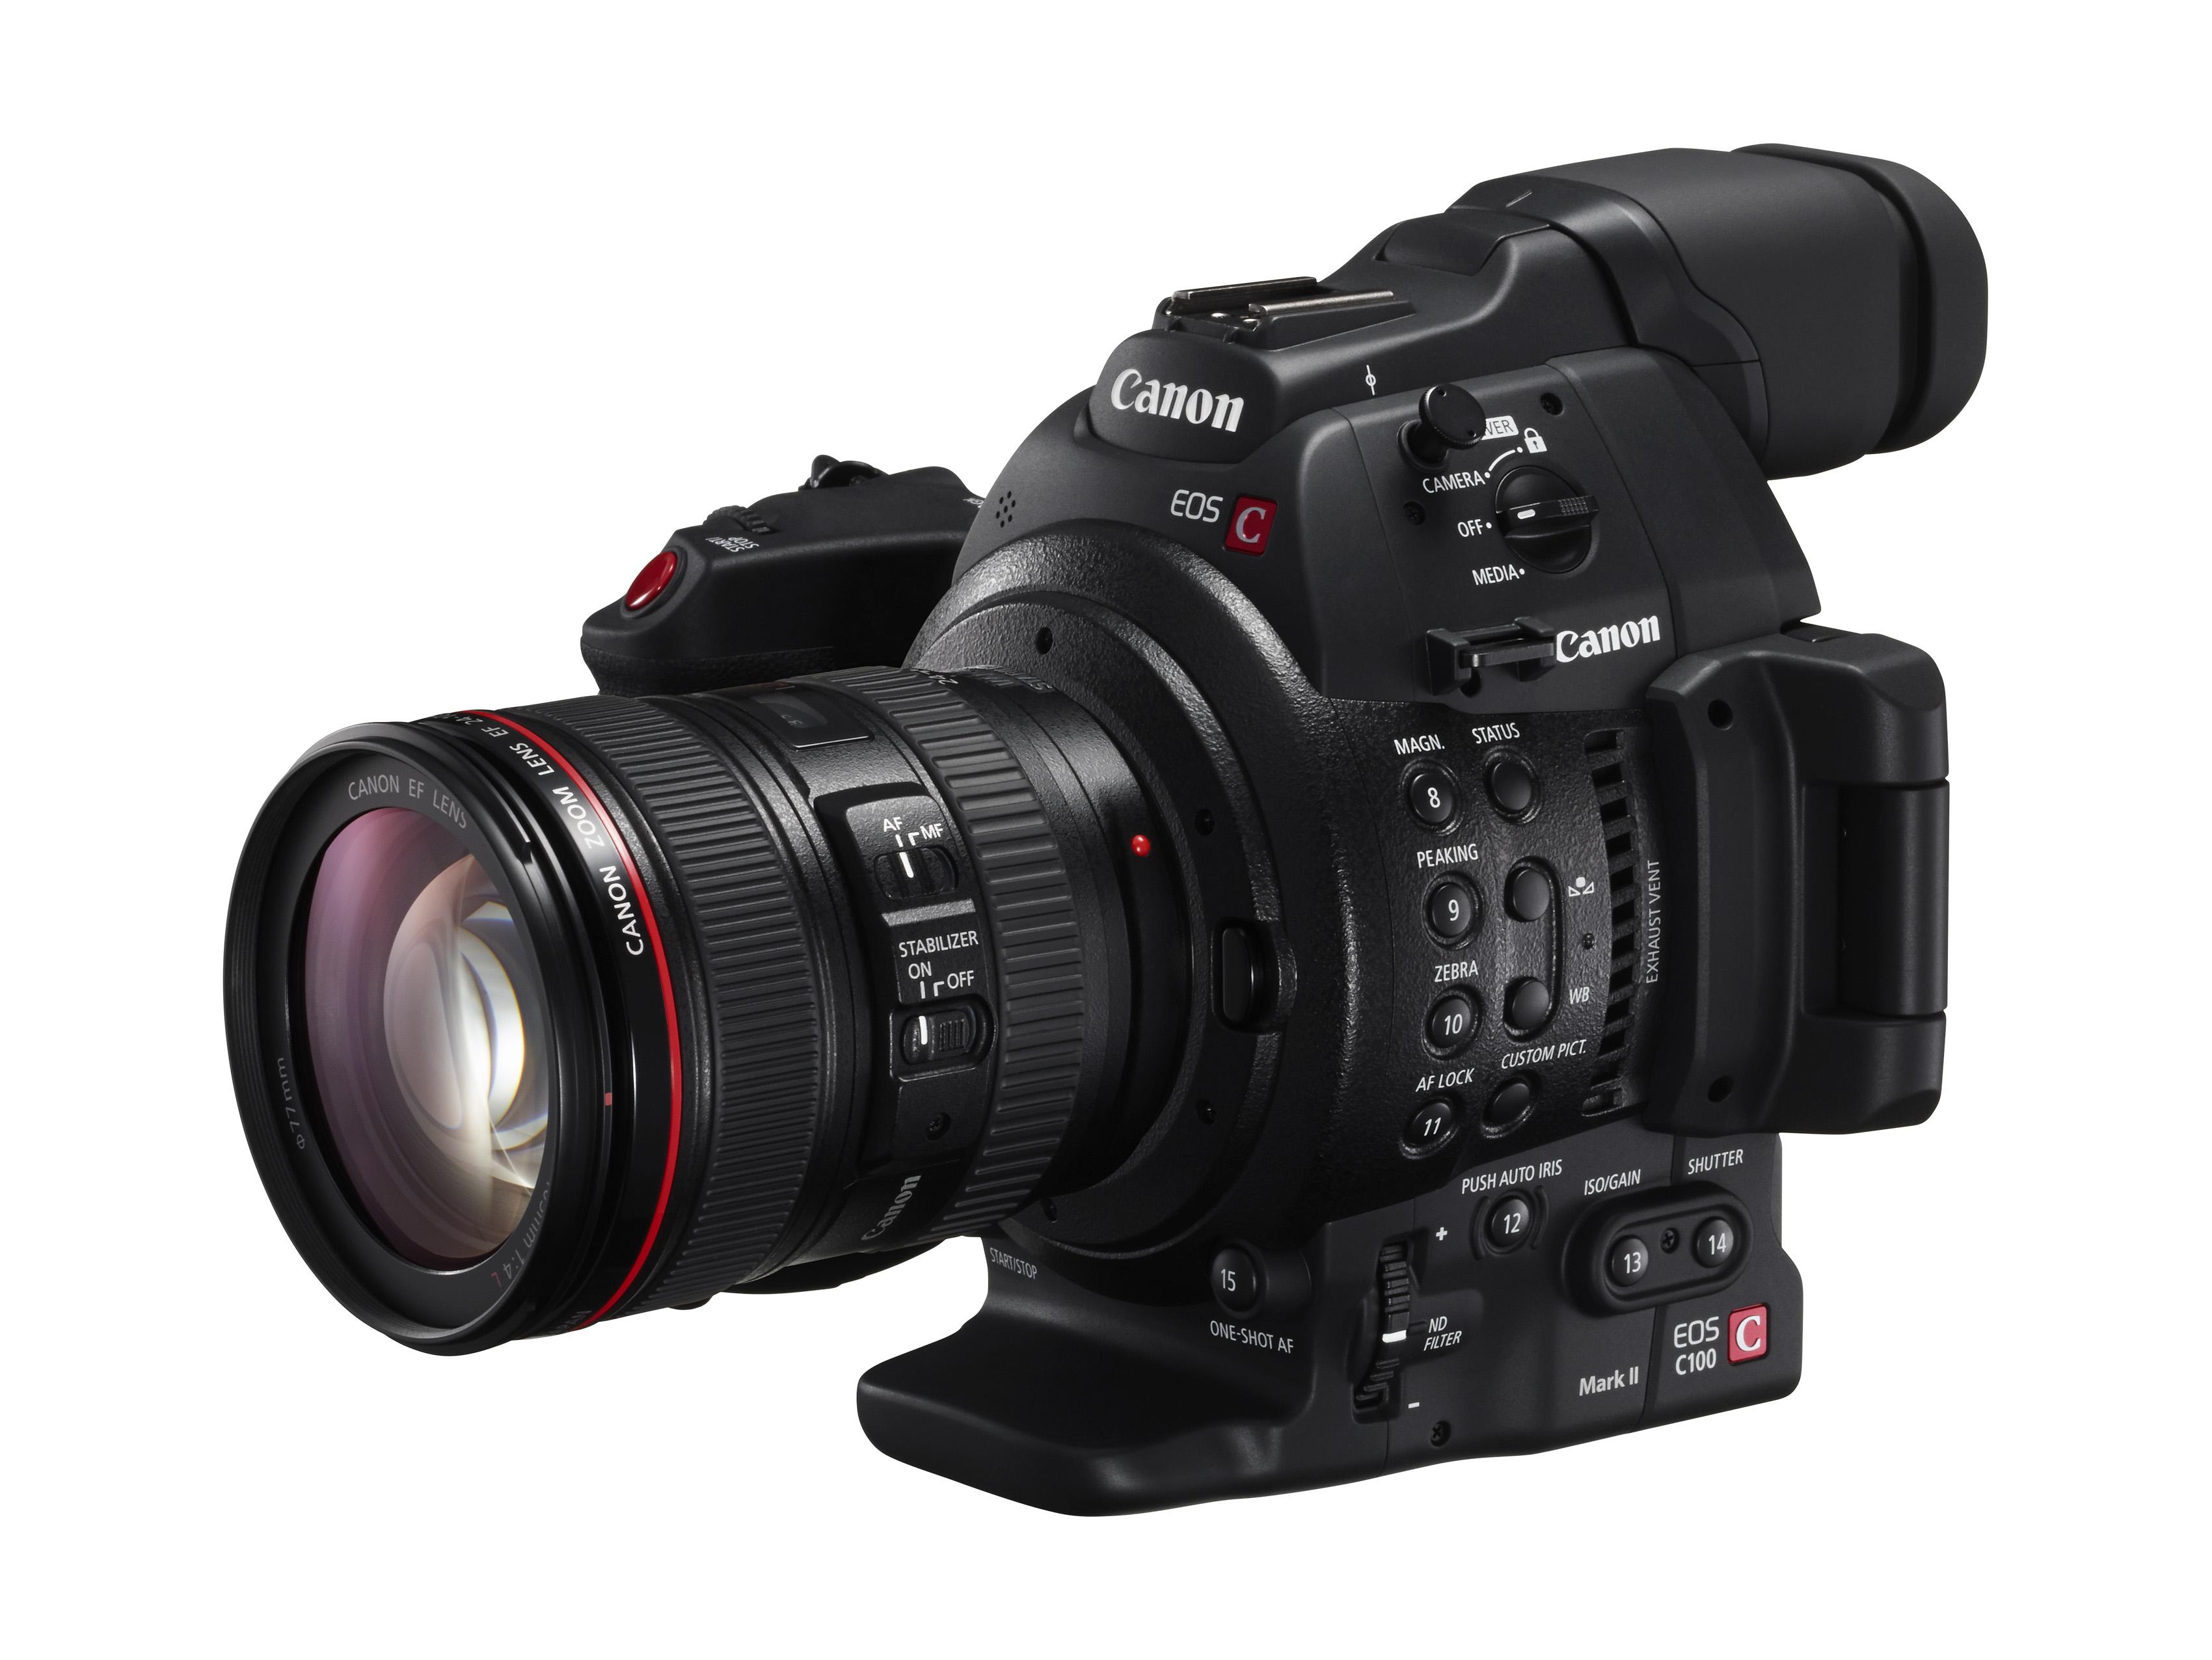 キヤノン デジタルシネマカメラ EOS C100 Mark IIファームウエアアップデートのお知らせ